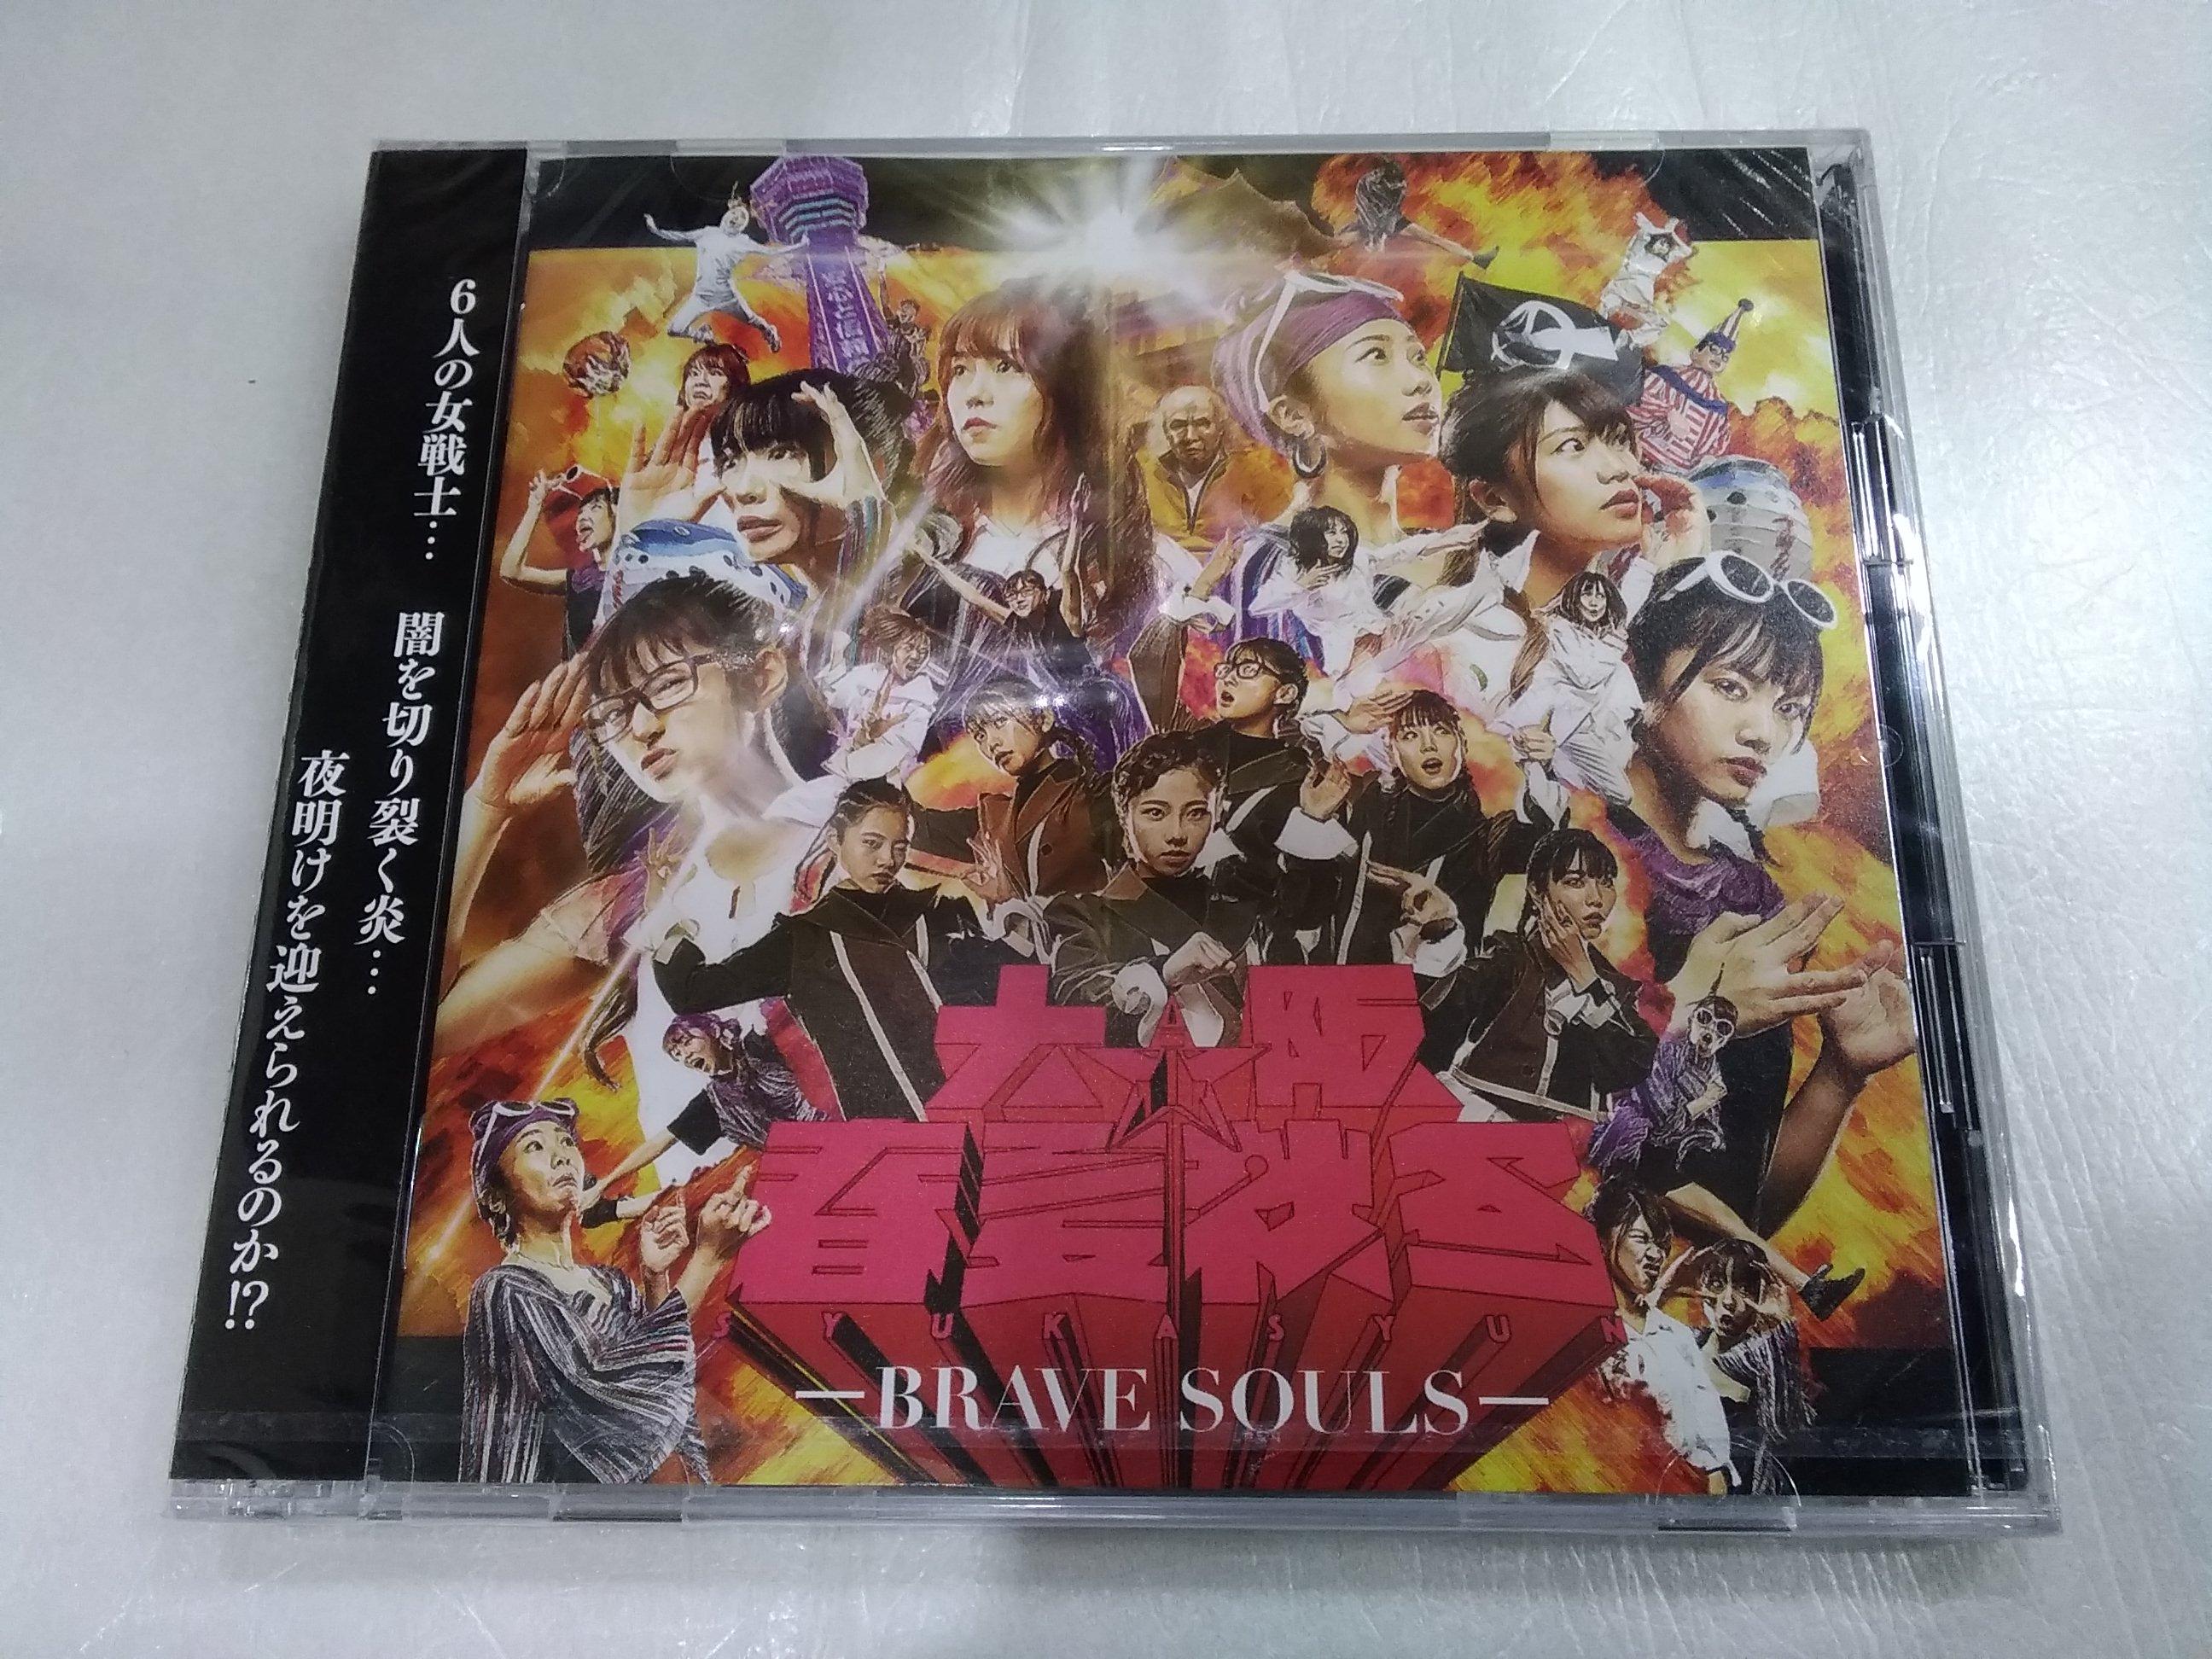 【未開封品】大阪春夏秋冬 -BRAVE SOULS-|AVEX TRAX